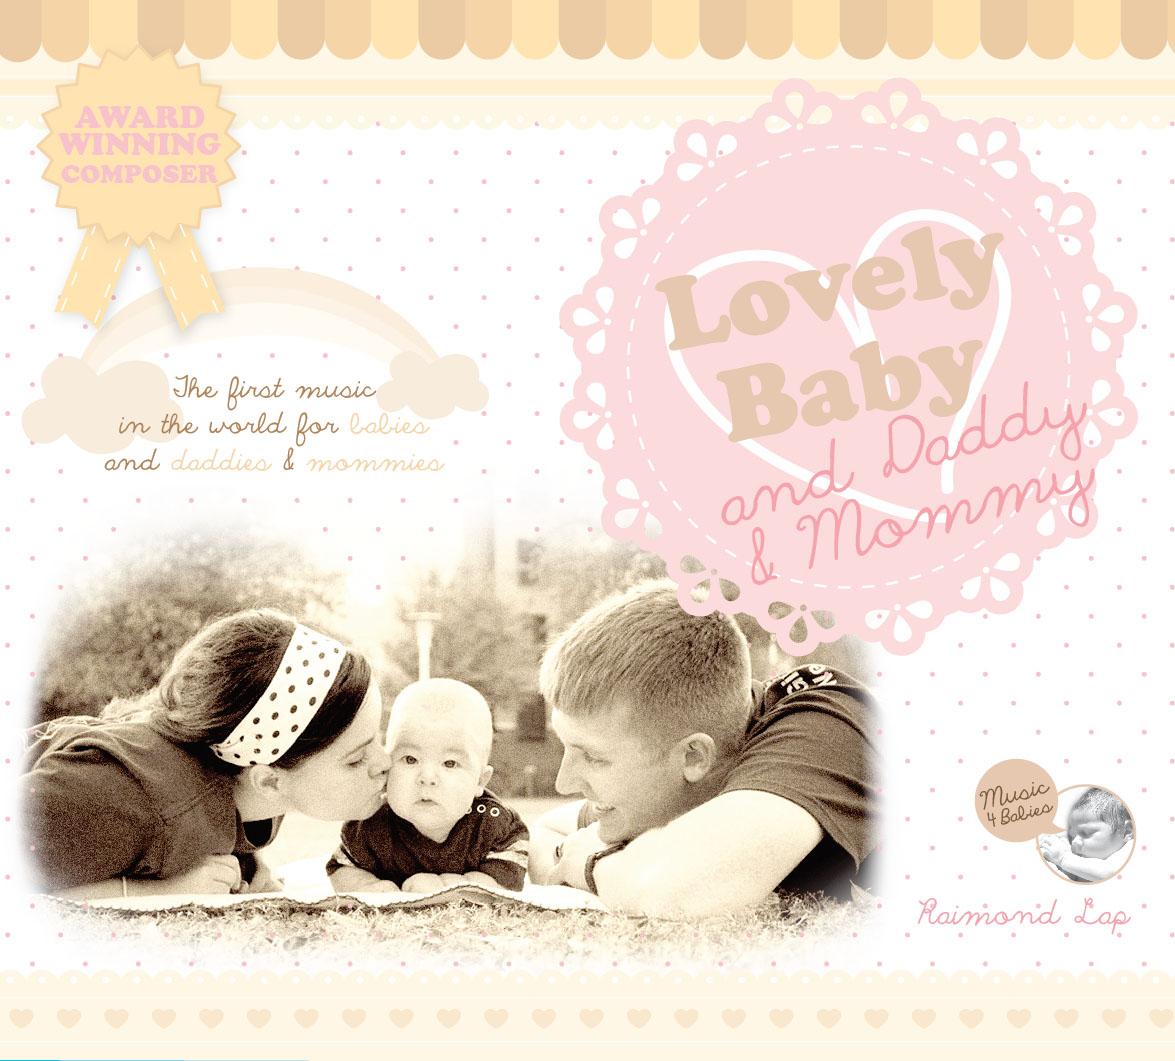 CD Set 2 แผ่น ซีดีเพลงเด็ก Lovely Baby, Daddy & Mommy บทเพลงในอัลบั้มนี้ถูกสร้างสรรค์ขึ้นเพื่อคุณพ่อ คุณแม่และลูกน้อยโดยเฉพาะ